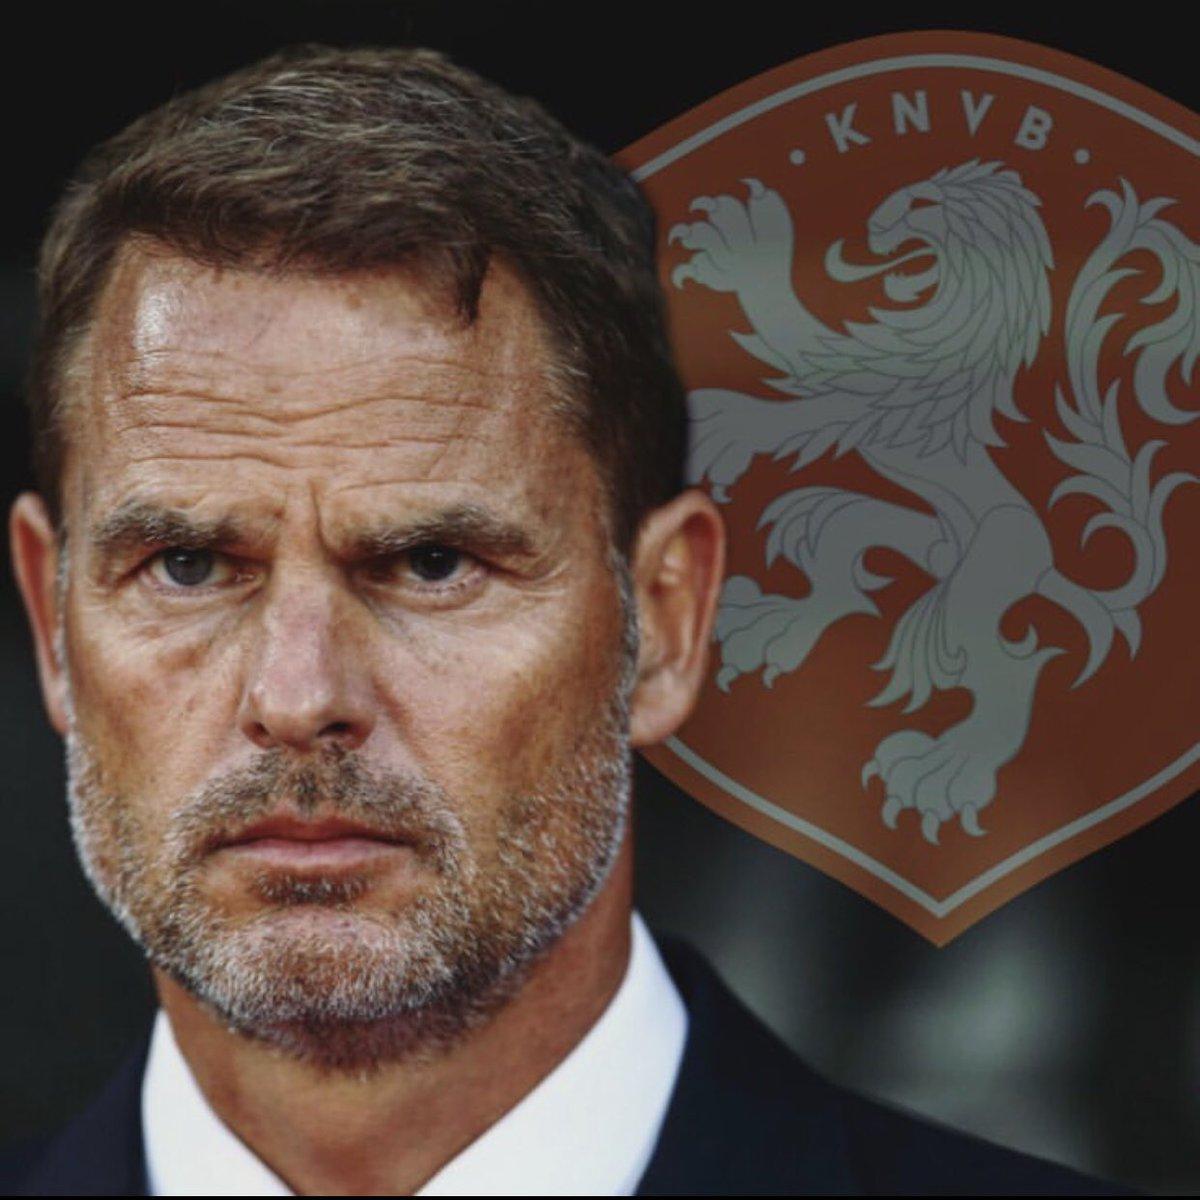 Frank de Boer es el reemplazante de Ronald Koeman para dirigir a la selección de los Países Bajos. Los mayores objetivos son la Eurocopa 2021 y la clasificación al mundial de Qatar 2022.  #netherlands #netherland #holland #deboer #uefa #futbol #fútbol #soccer #gol #adidas #nike https://t.co/0f2IMGXKPD